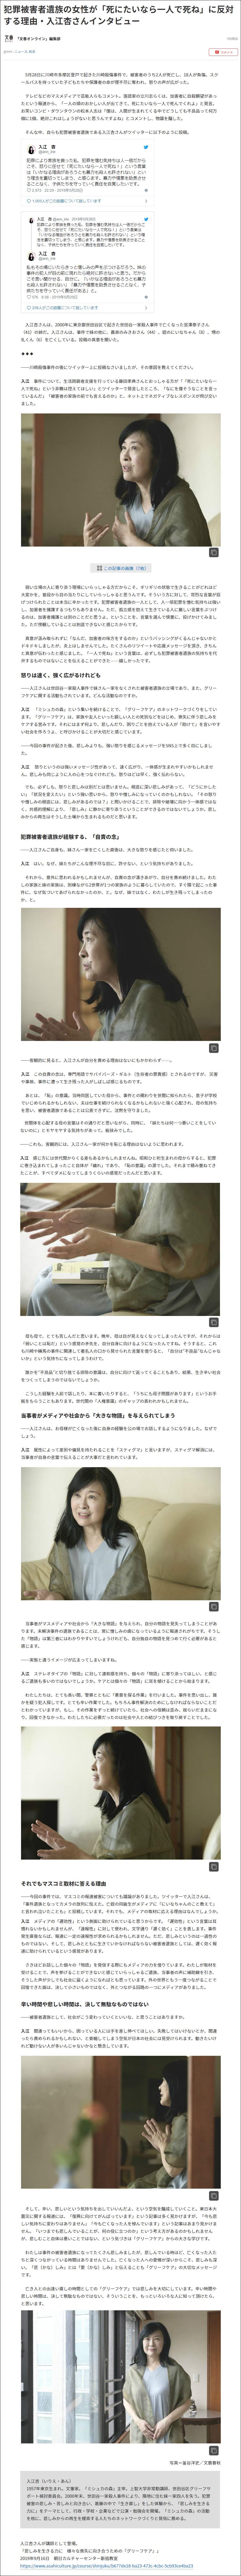 入江杏:文春オンライン、2019年6月22日「犯罪被害者遺族の女性が『死にたいなら一人で死ね』に反対する理由・入江杏さんインタビュー」掲載